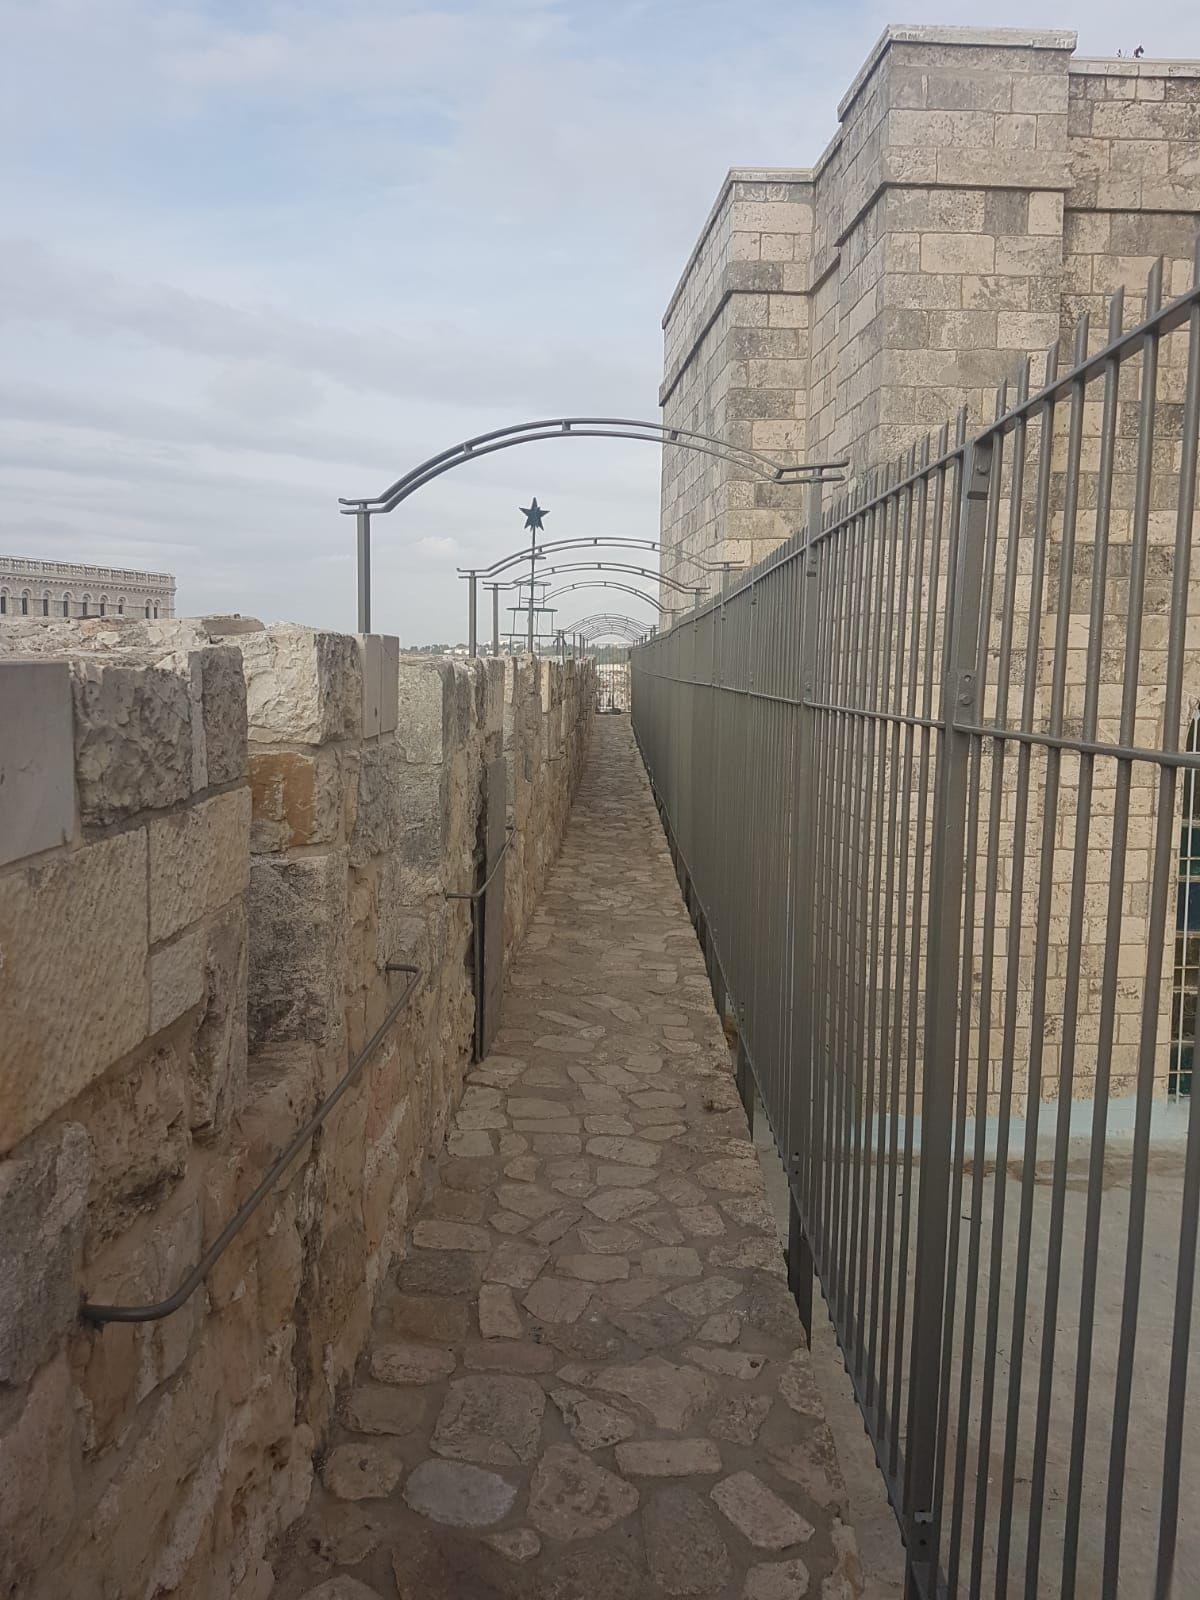 שיקום טיילת חומות העיר העתיקה, ירושלים תמונה מספר 5